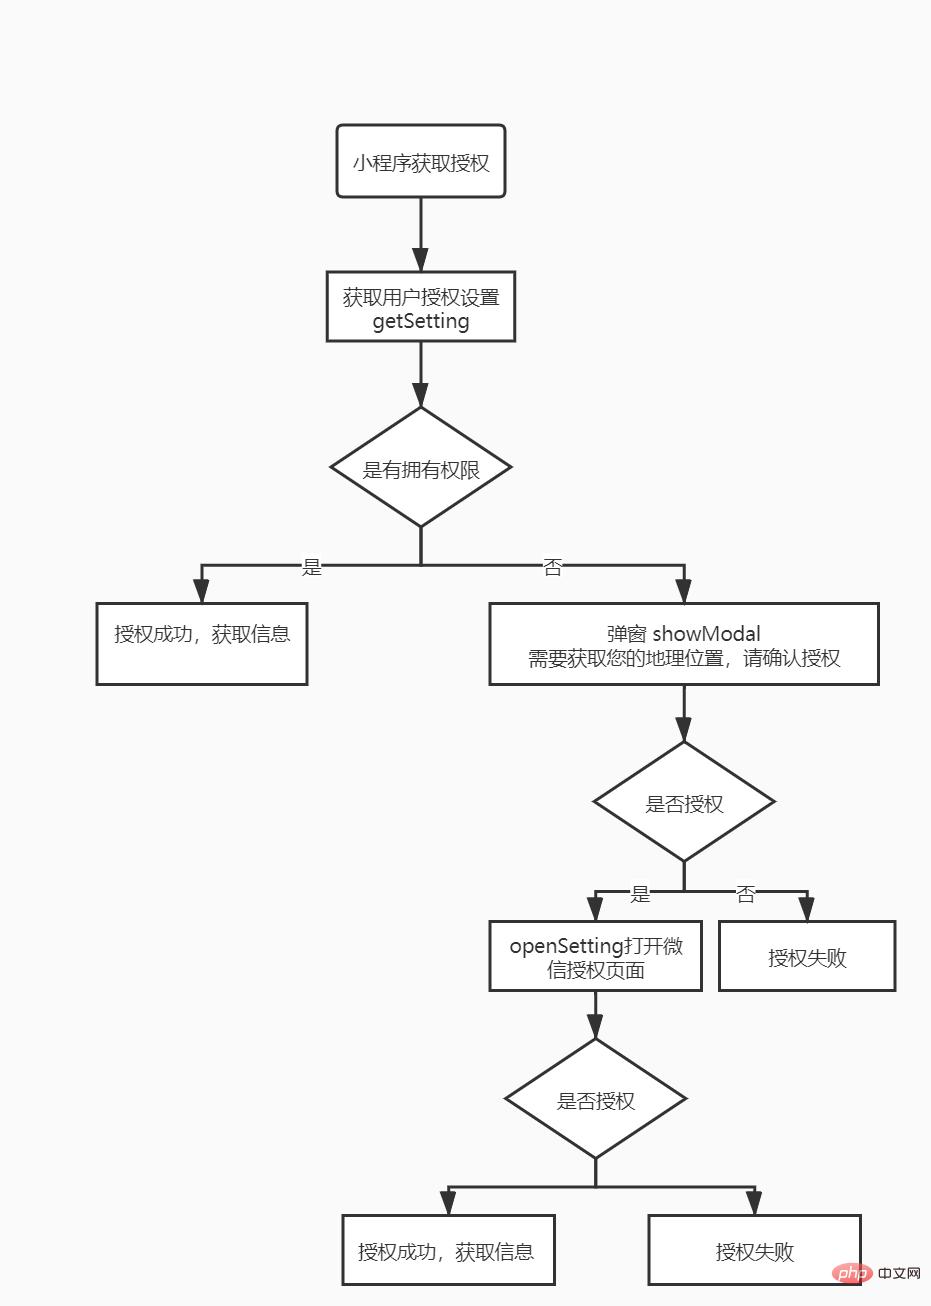 小程序获取用户位置授权的完美讲述_编程技术_编程开发技术教程插图1